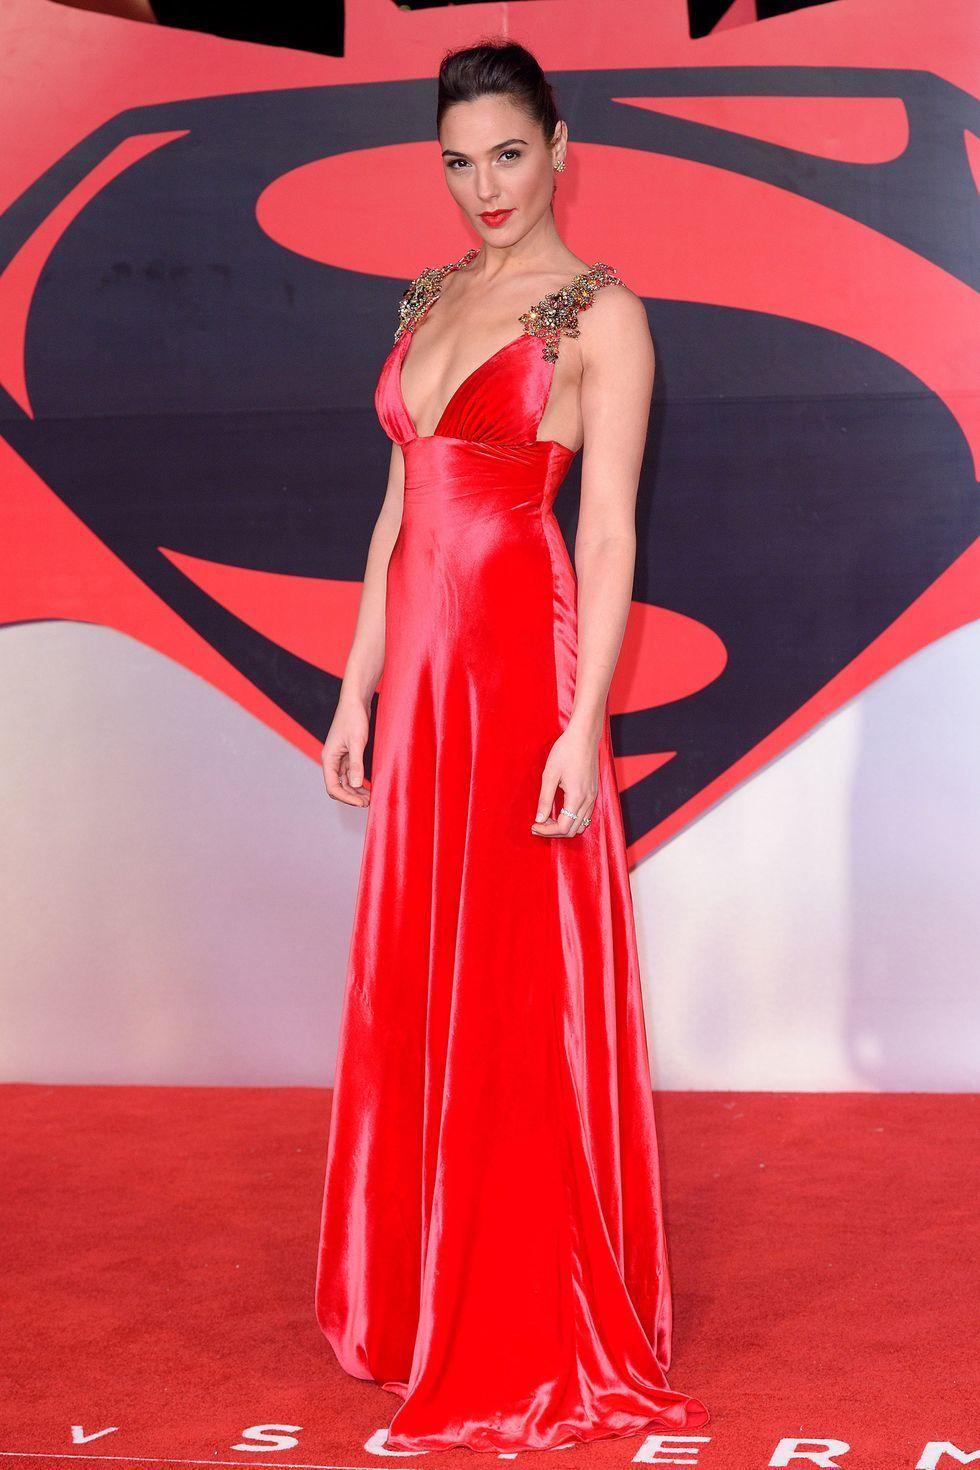 Dulu Polos hingga Jadi Super Seksi, Ini Gaya Gal Gadot di Red Carpet!